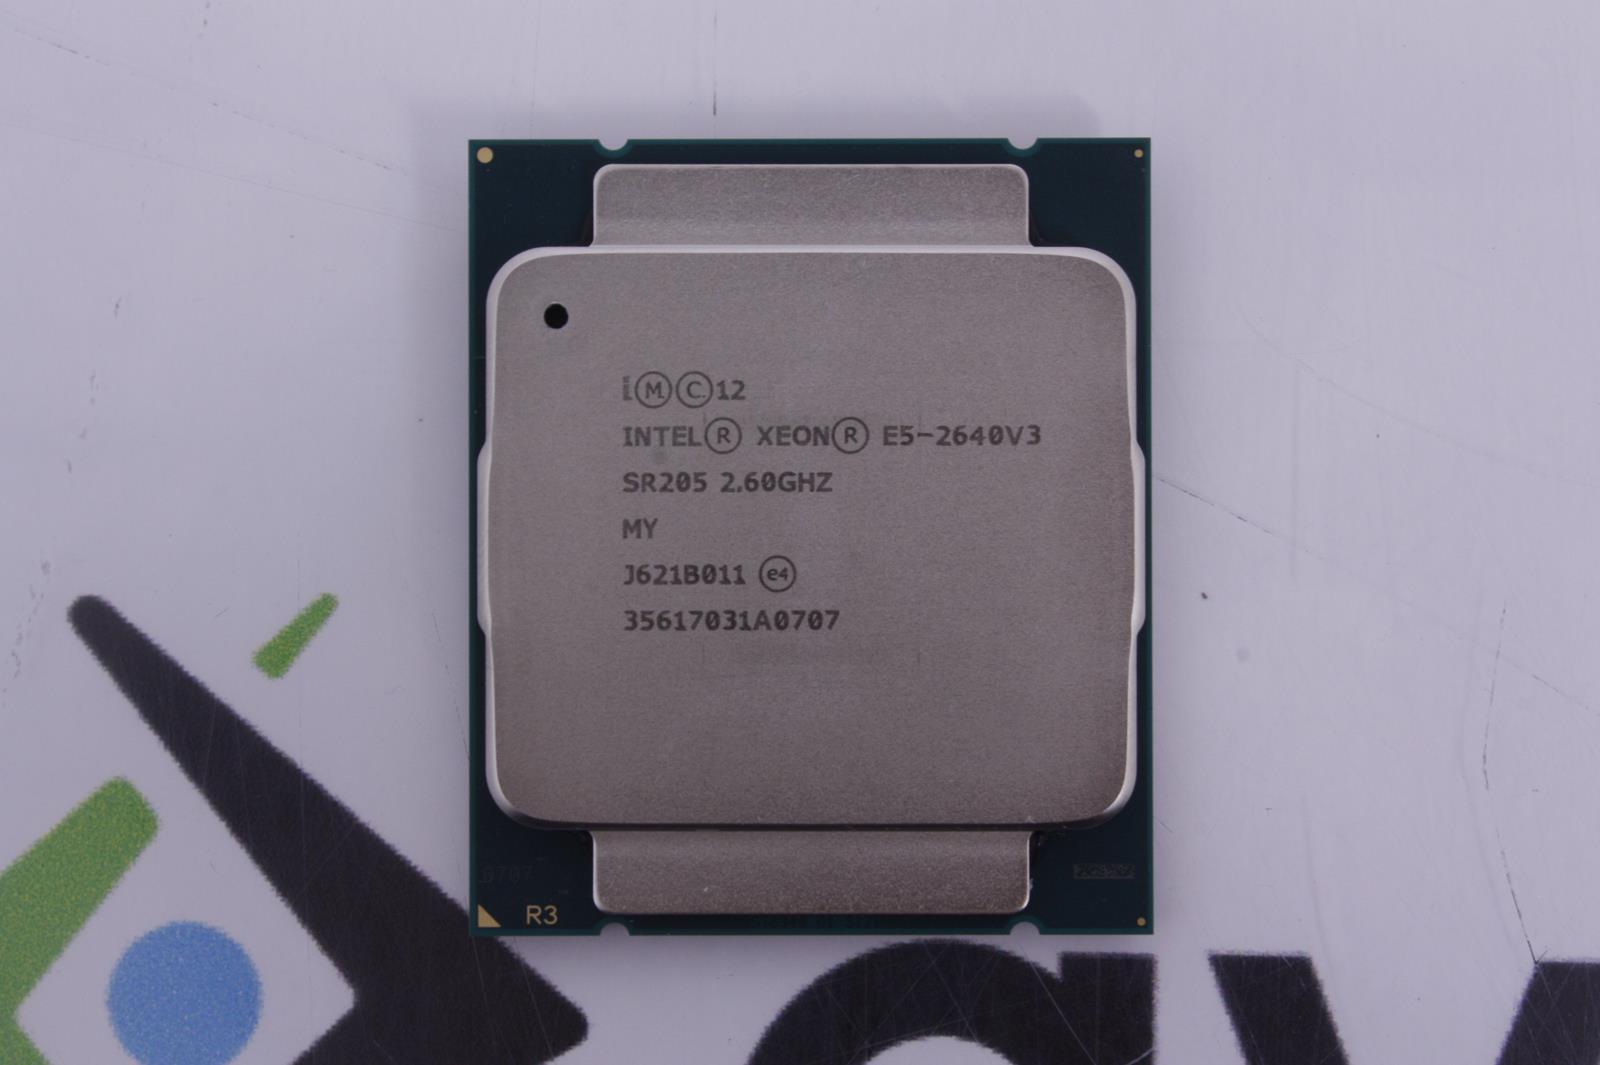 Intel Xeon SR205 E5-2640v3 2.6GHz 20M 8GT//s 8-Core CPU Processor